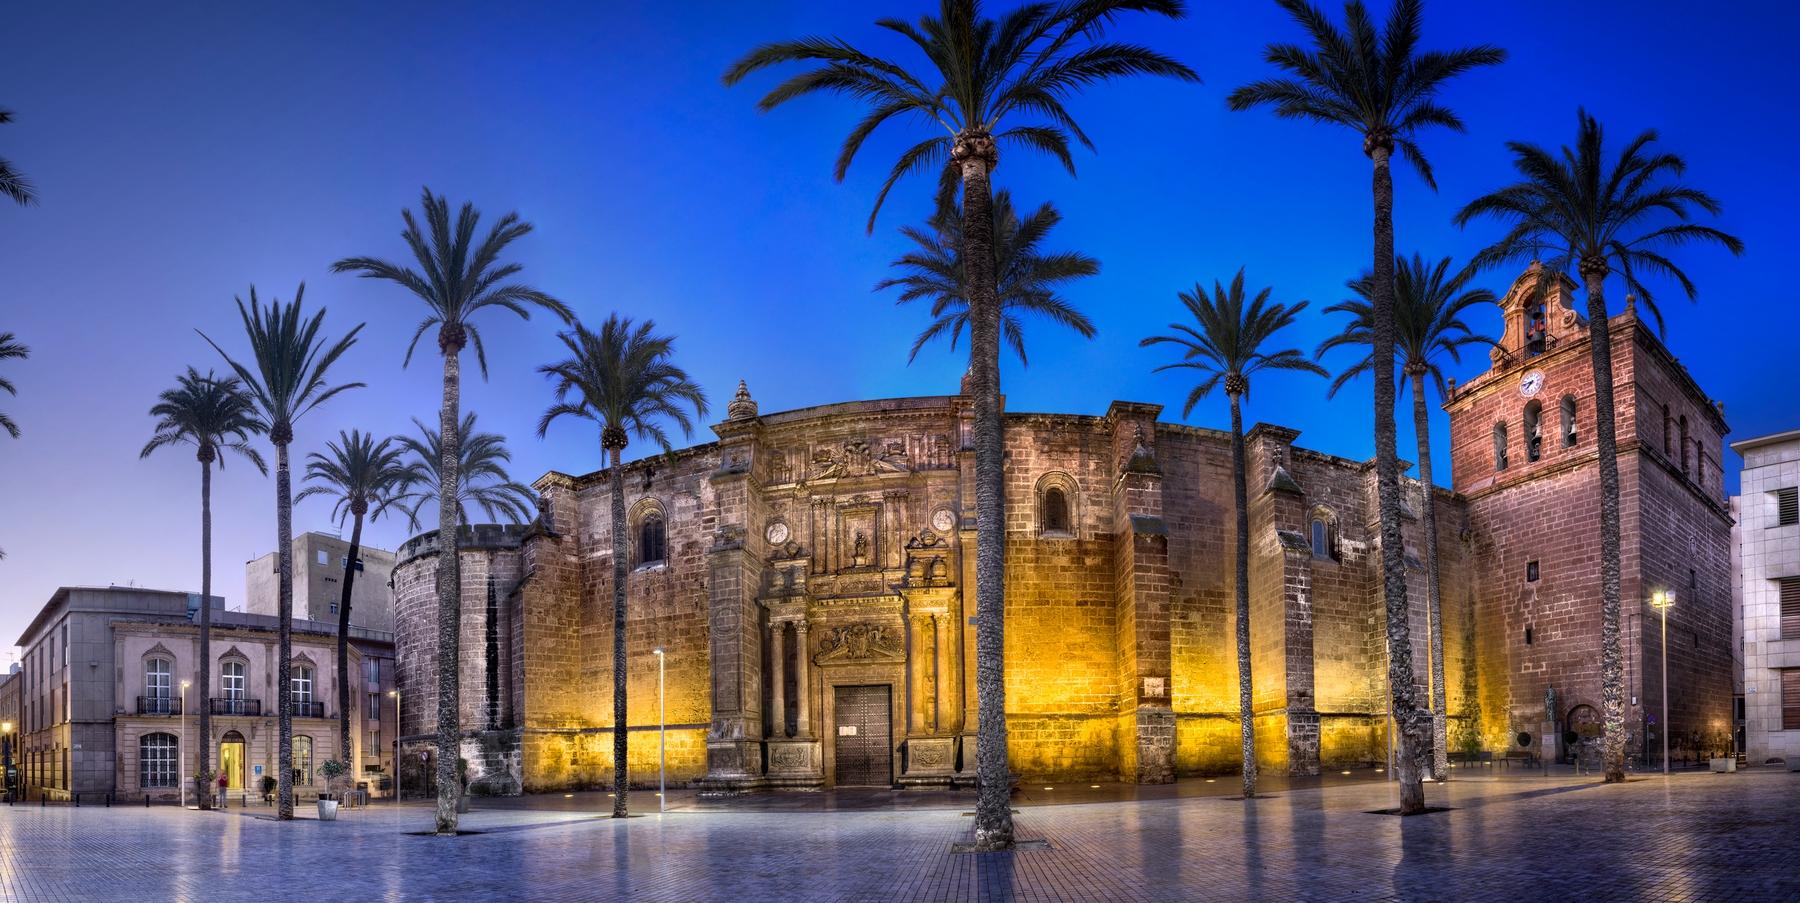 La Catedral de la Encarnación de Almería parece más una fortaleza que un templo religioso.